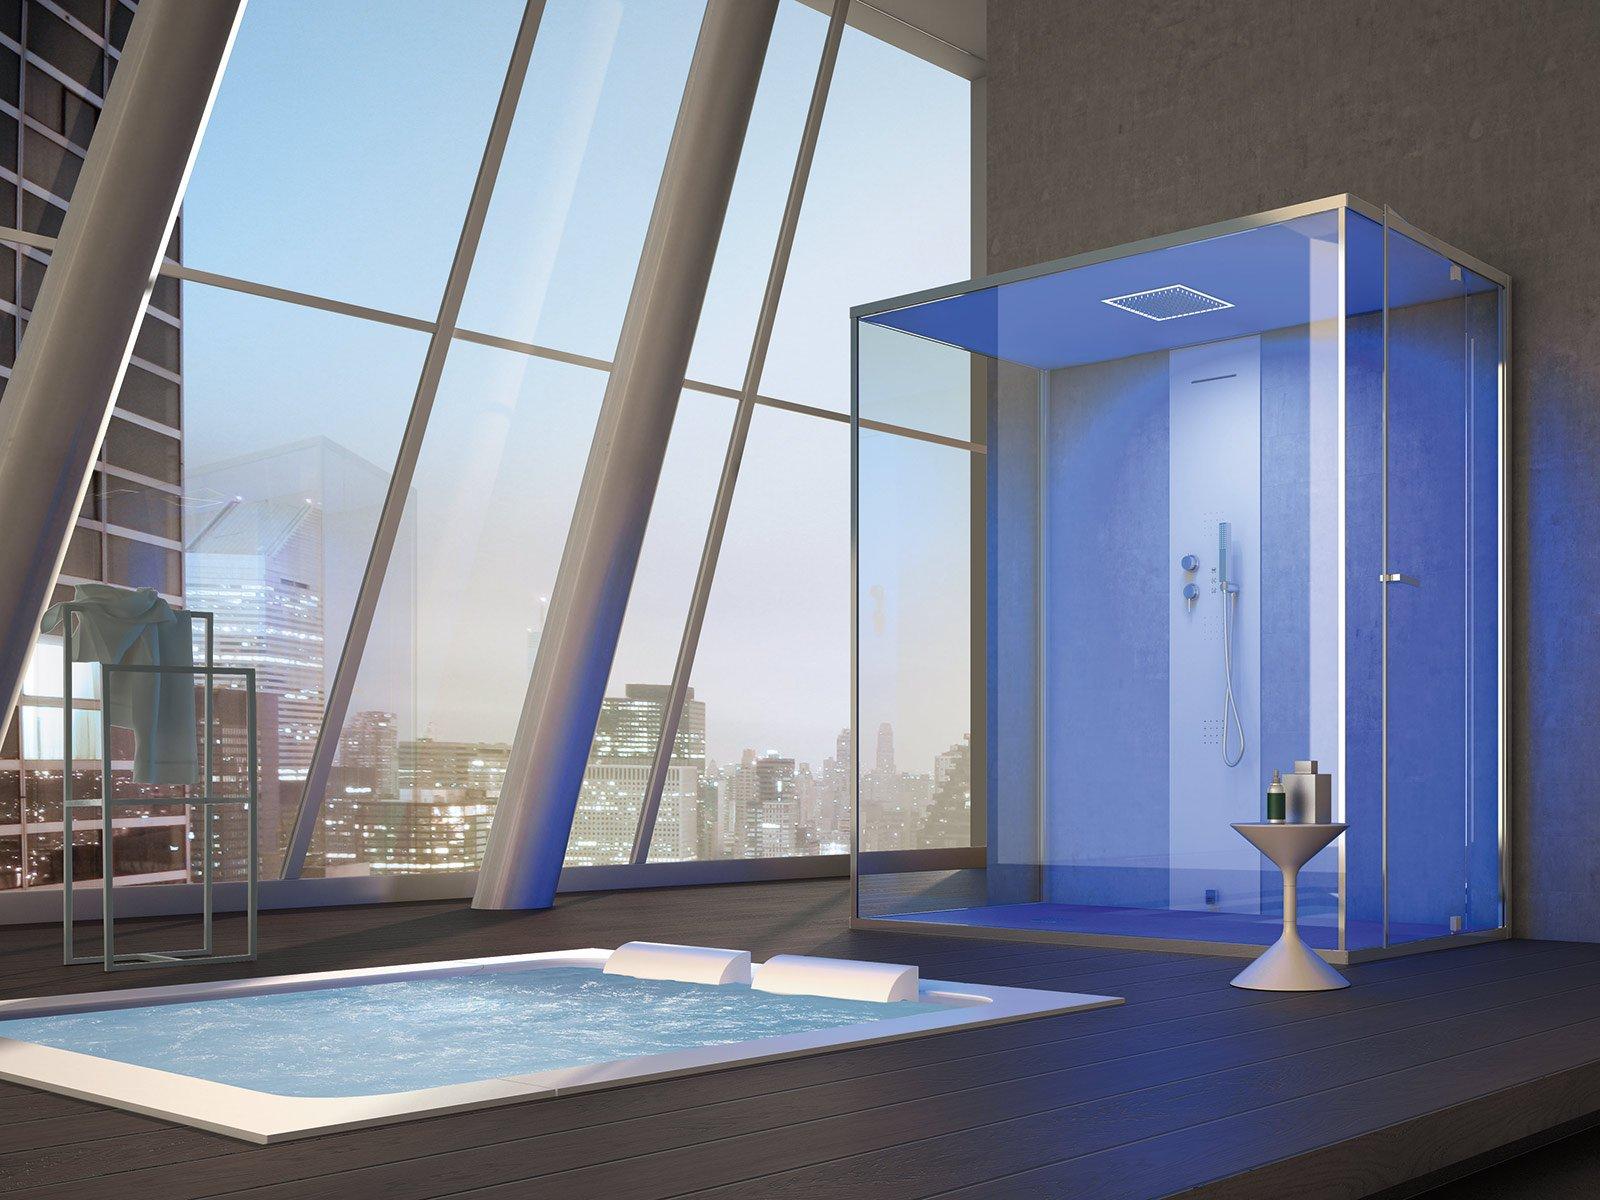 Bagno dettagli di design per la doccia cose di casa - Come costruire un bagno turco in casa ...